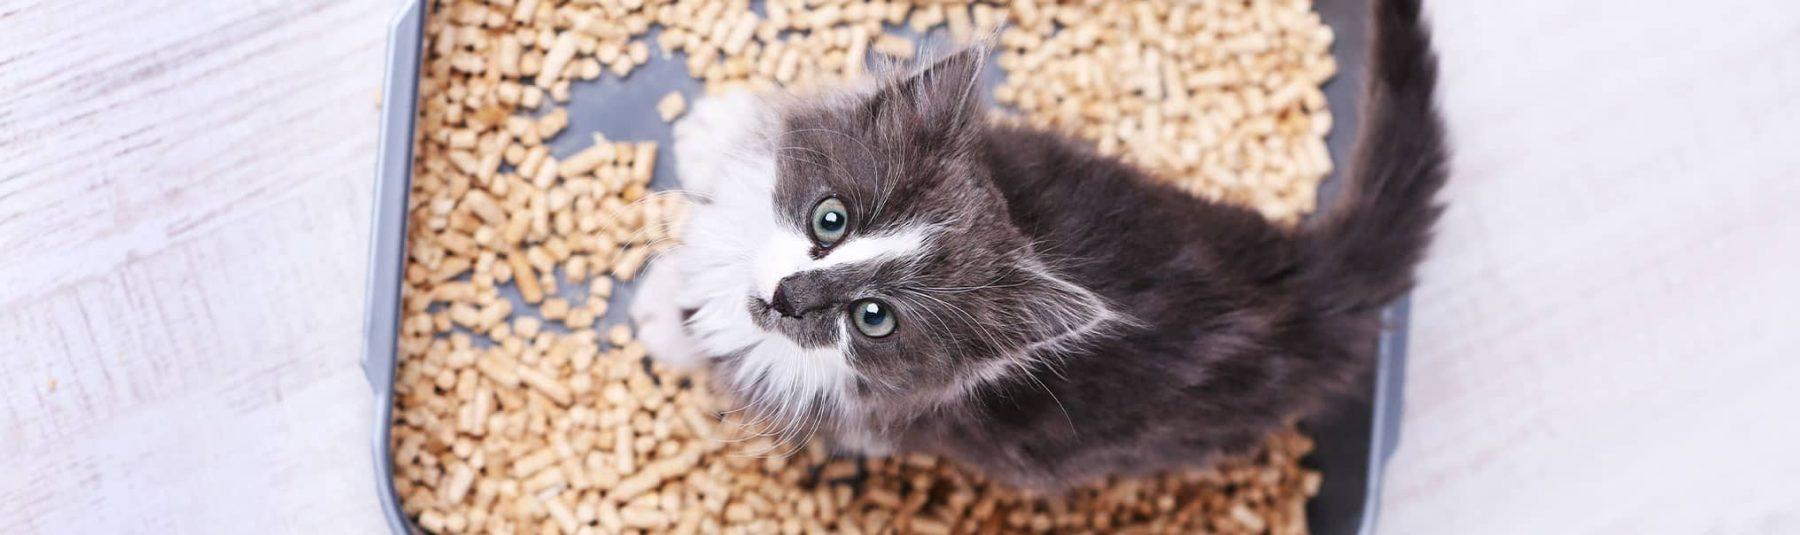 cat_fecal